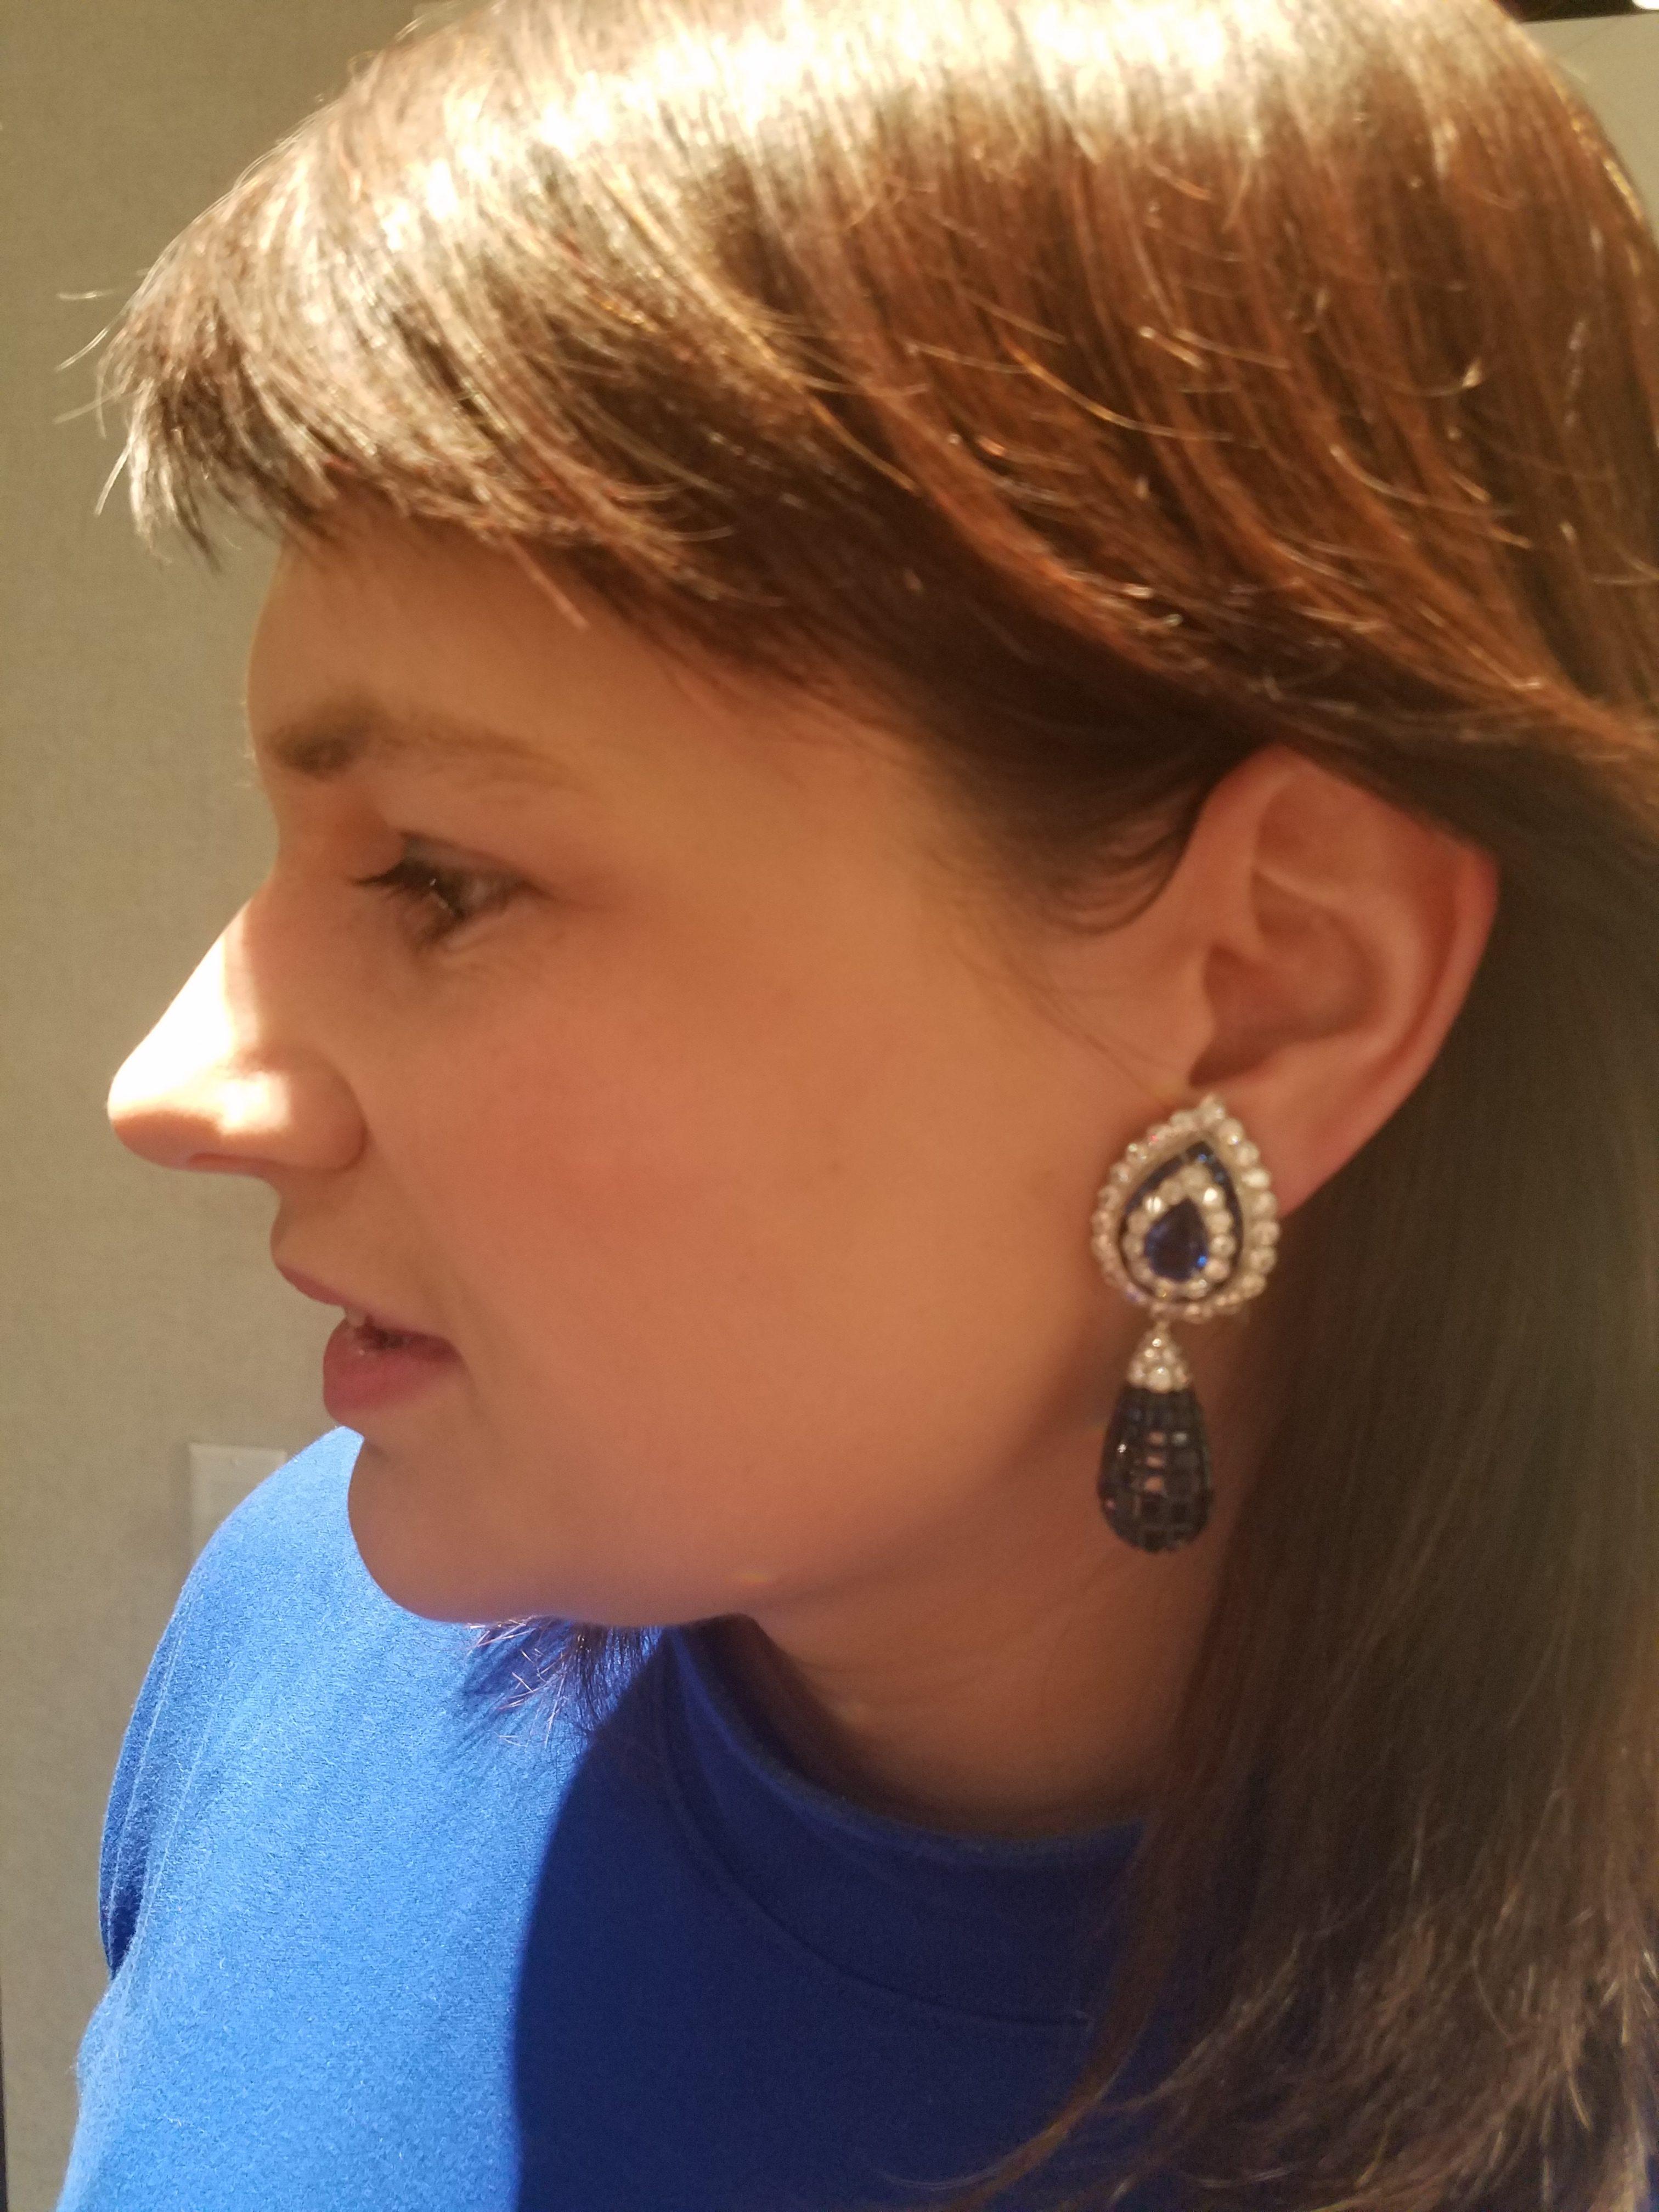 Wearing-elizabeth-taylor-sapphire-earrings